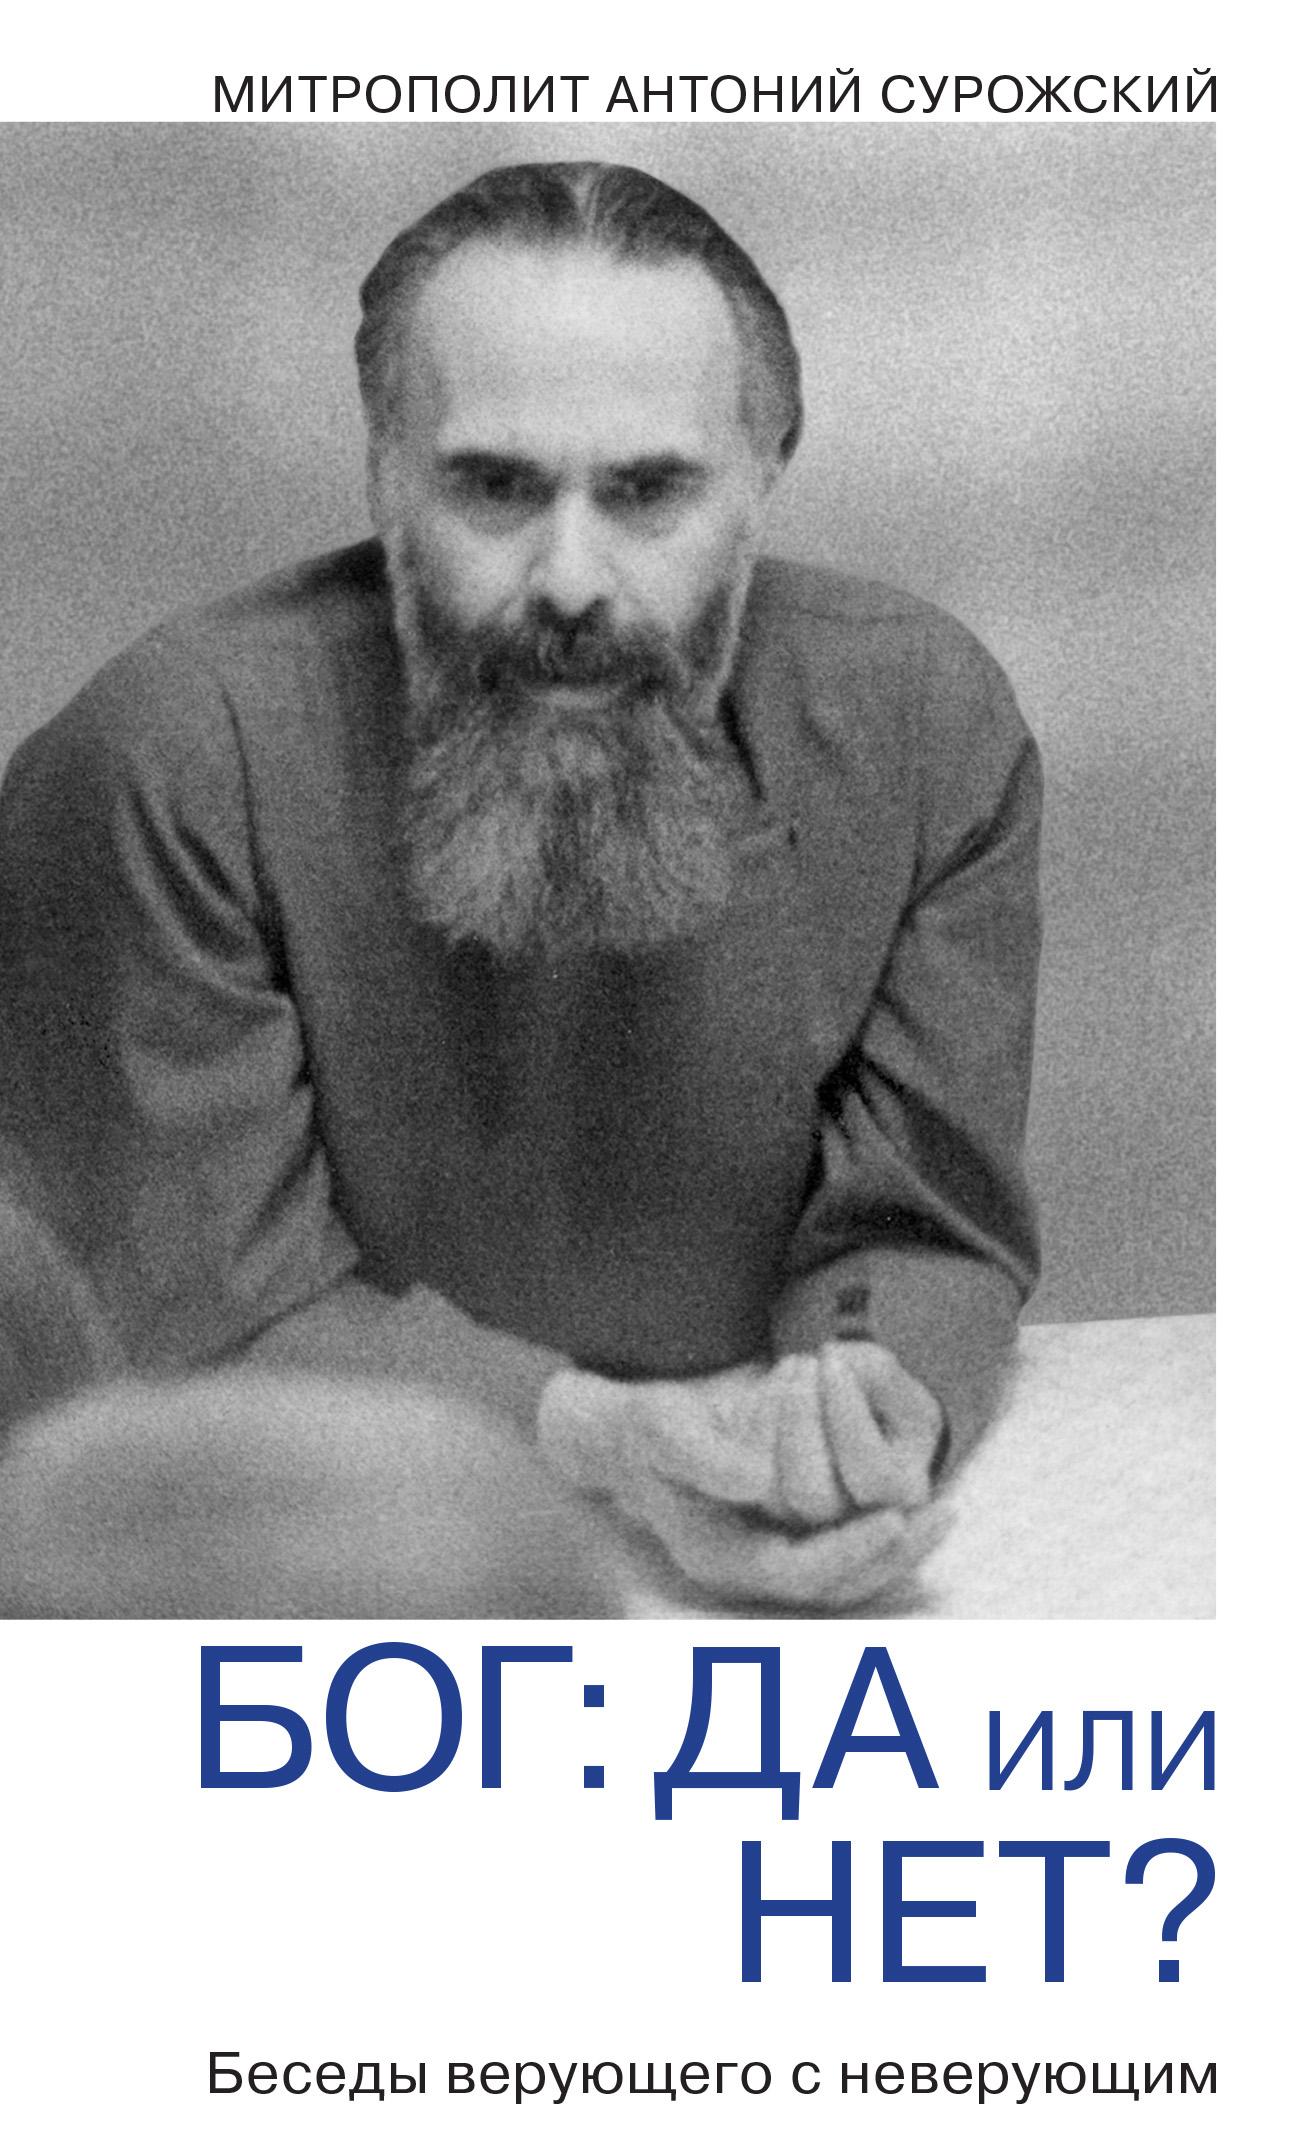 митрополит Антоний Сурожский Бог: да или нет? Беседы верующего с неверующим храповицкий а митр антоний